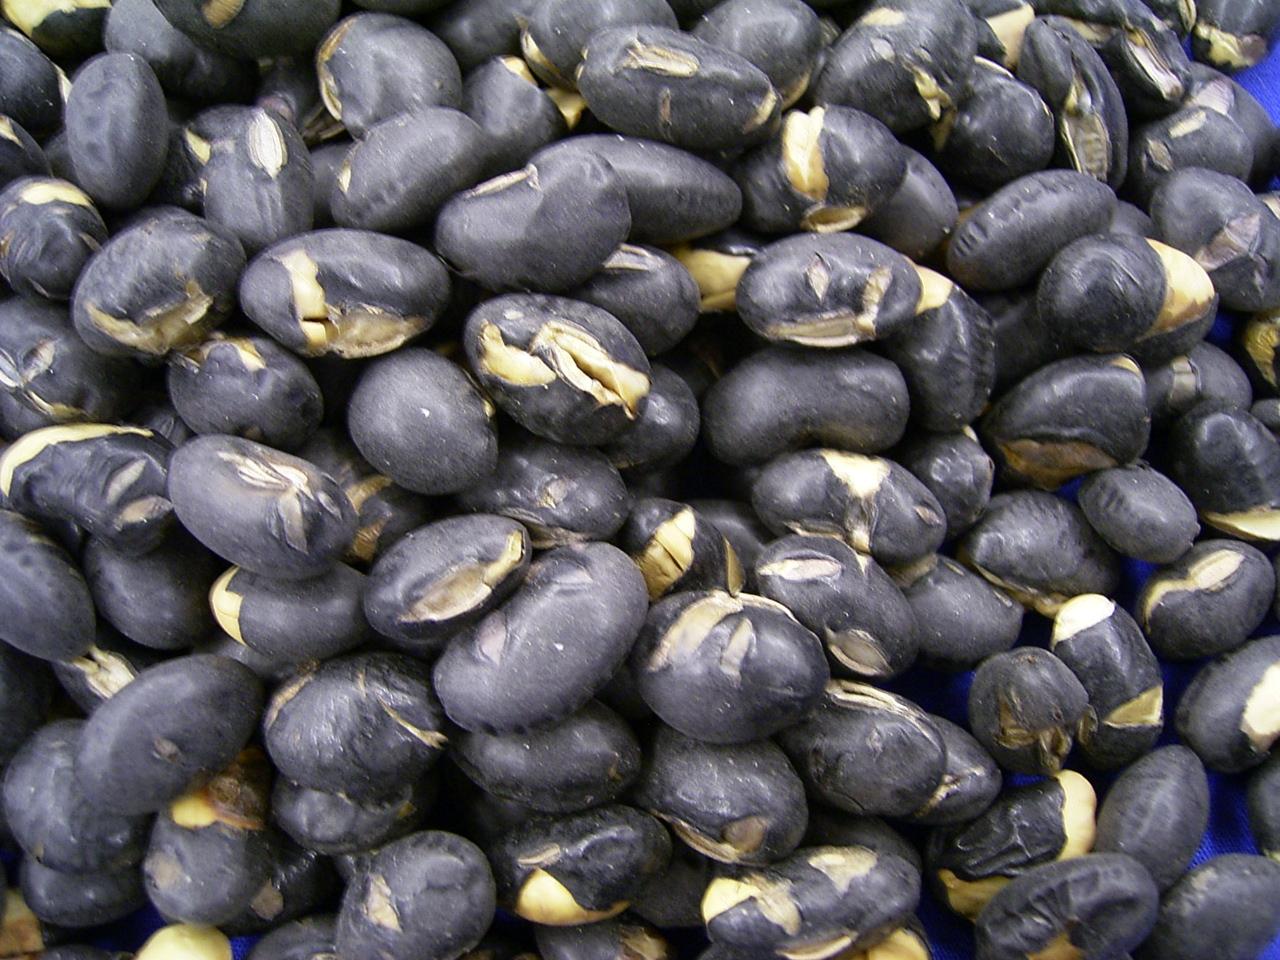 煎り黒豆(200g)素焼の北海道黒大豆!パリポリ食べて健康♪